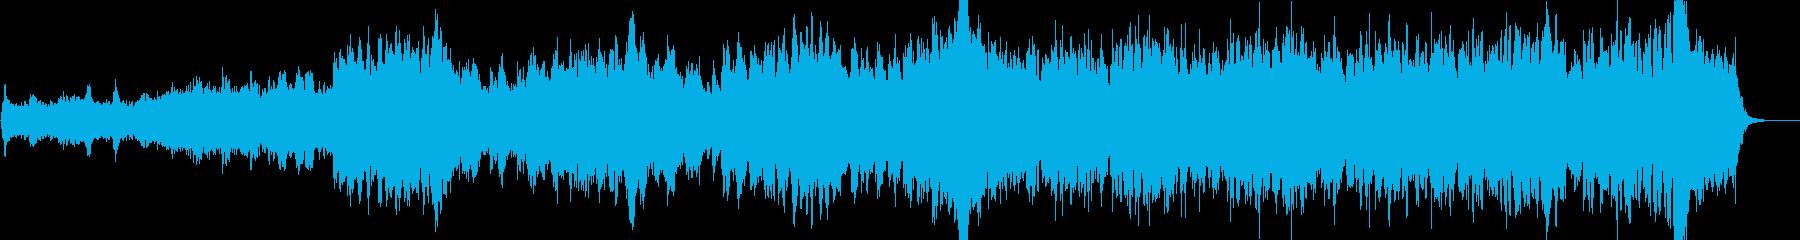 【まるで生演奏】ワルキューレの騎行 冒頭の再生済みの波形